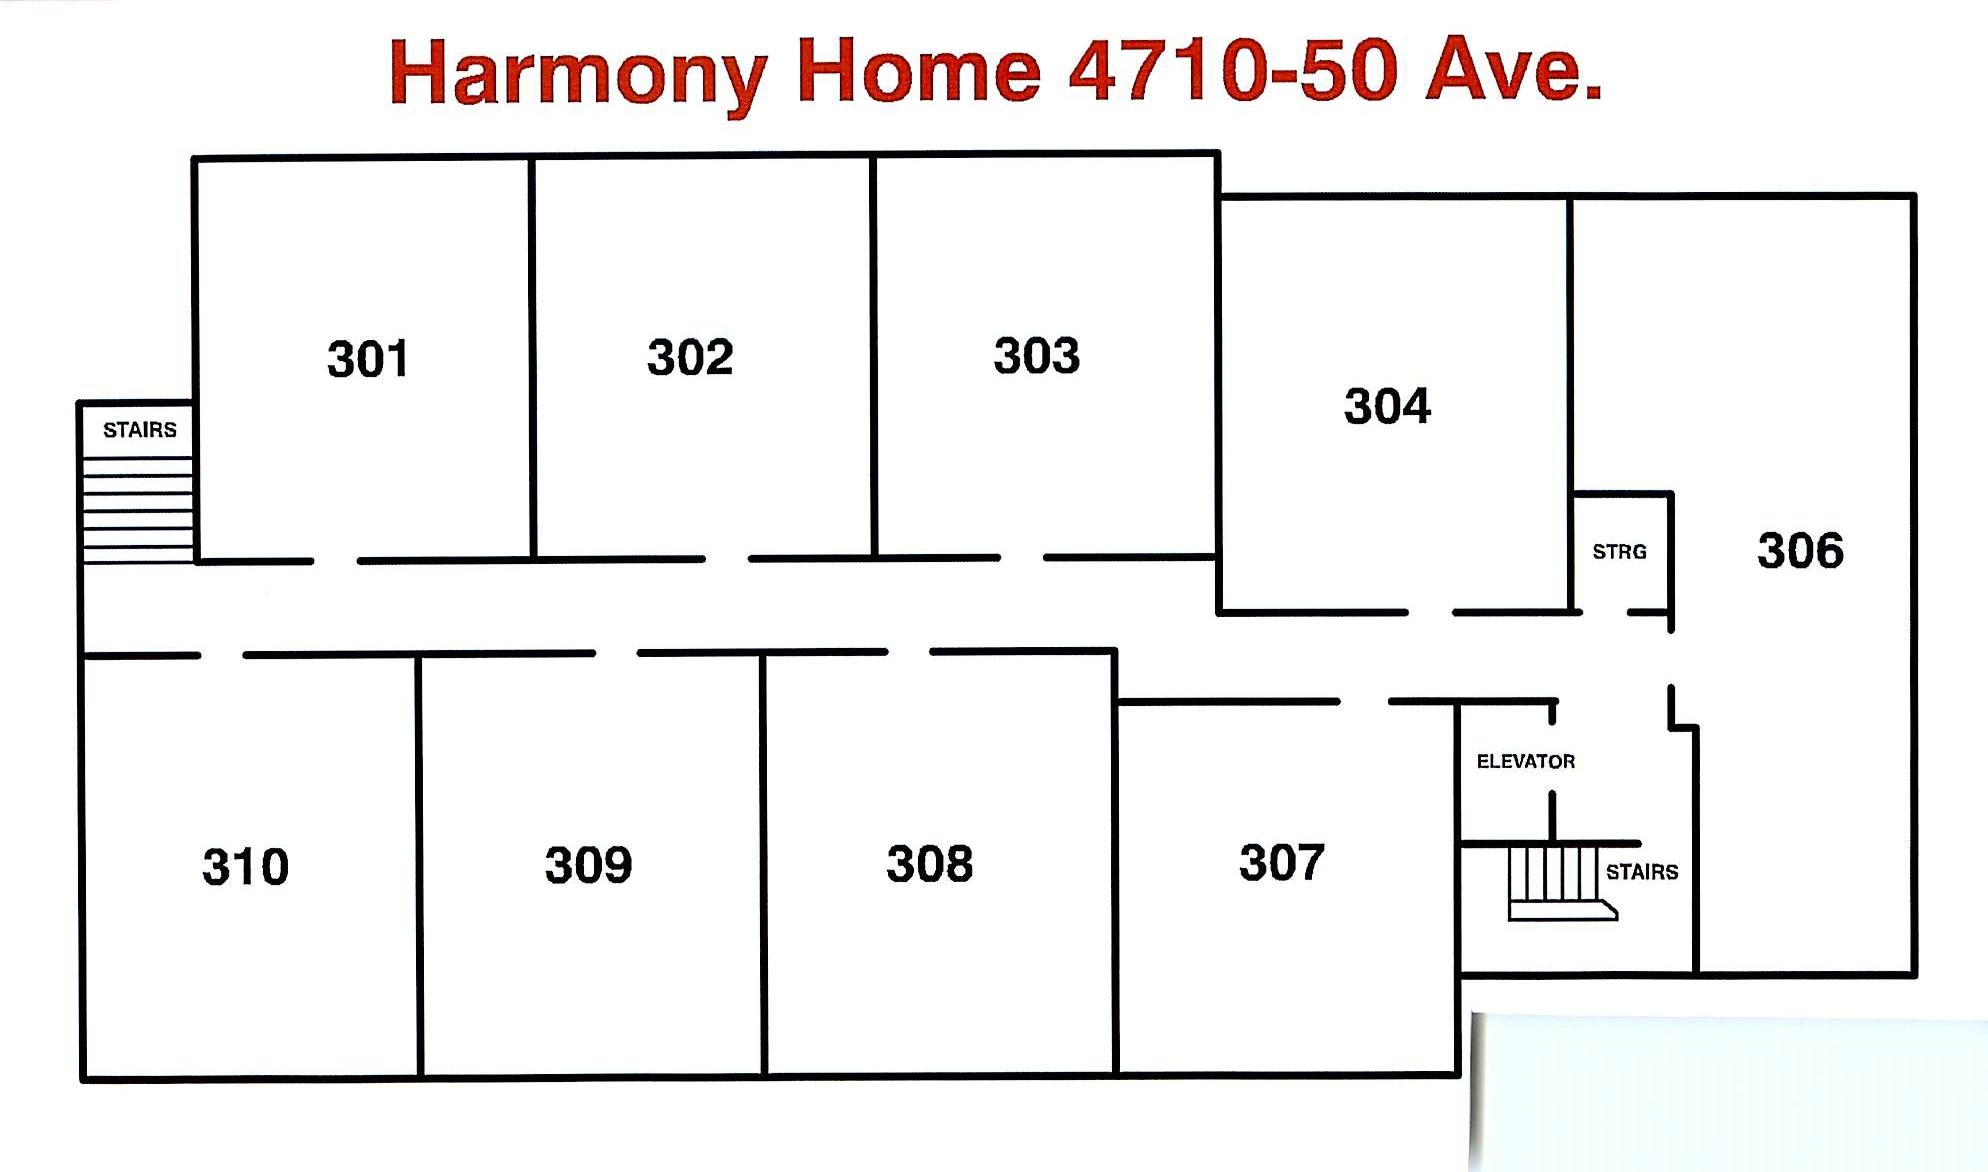 Floor Plan - Harmony Home 3rd Floor May 2018